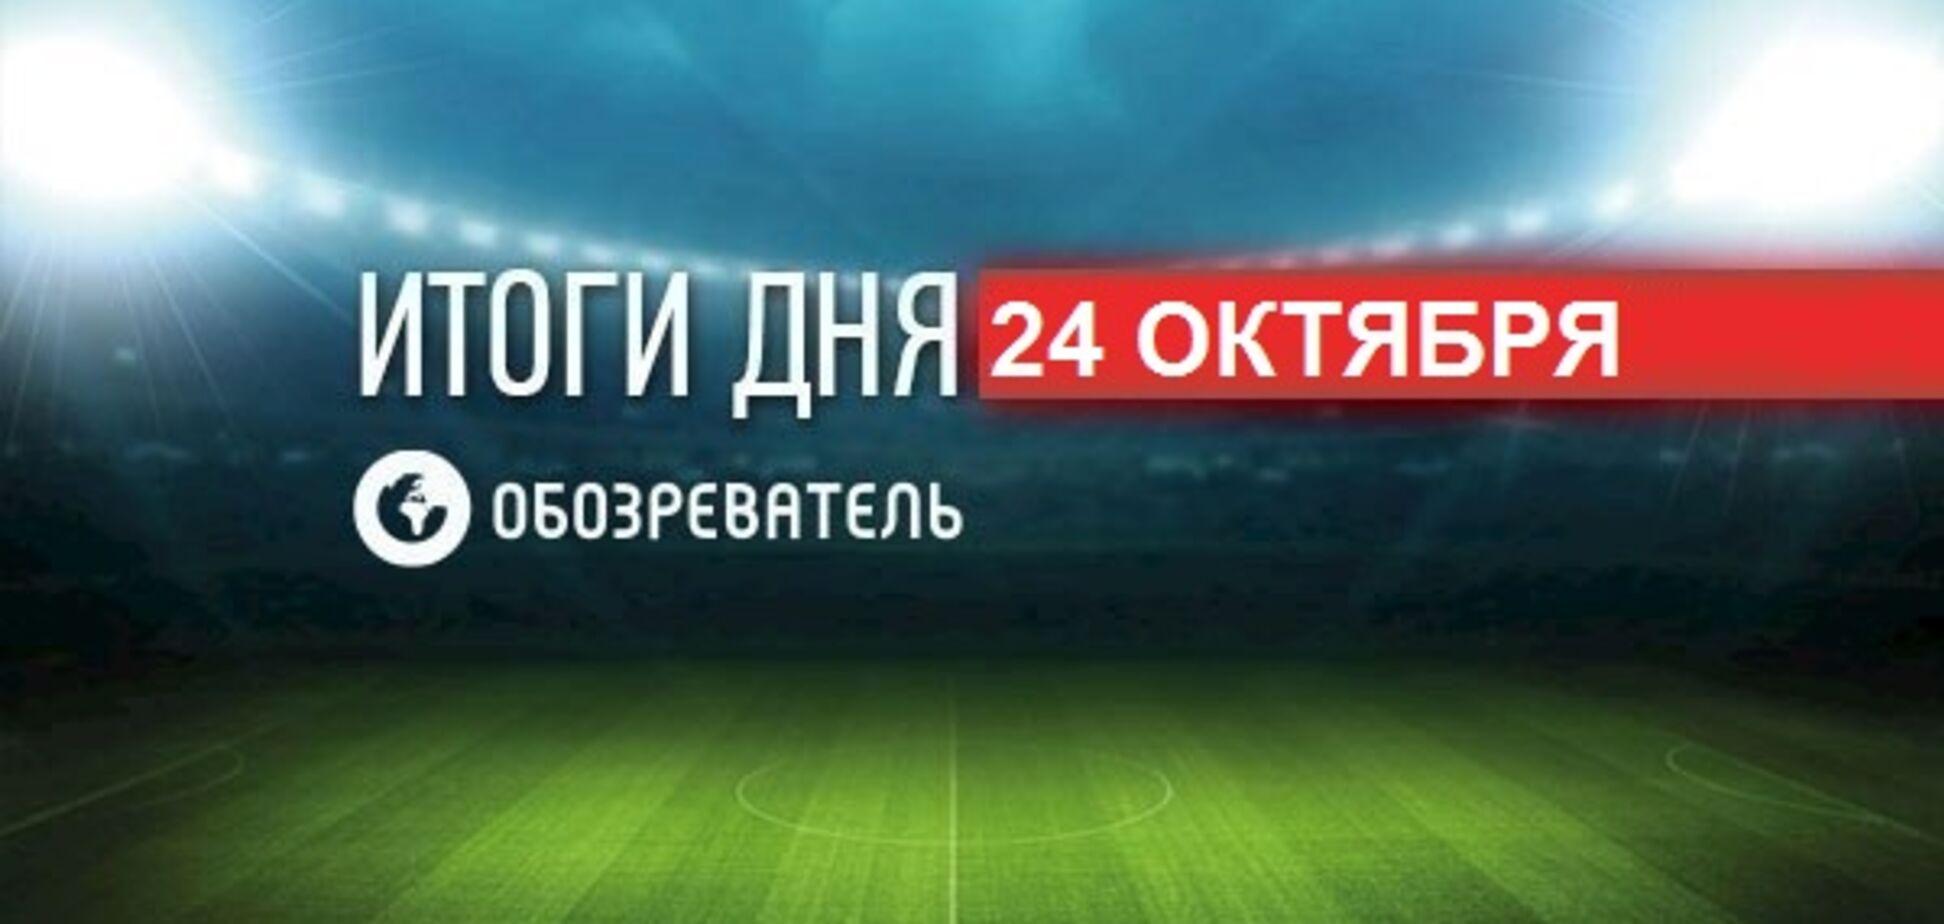 Экс-футболист 'Динамо' вляпался в громкий скандал: спортивные итоги 24 октября